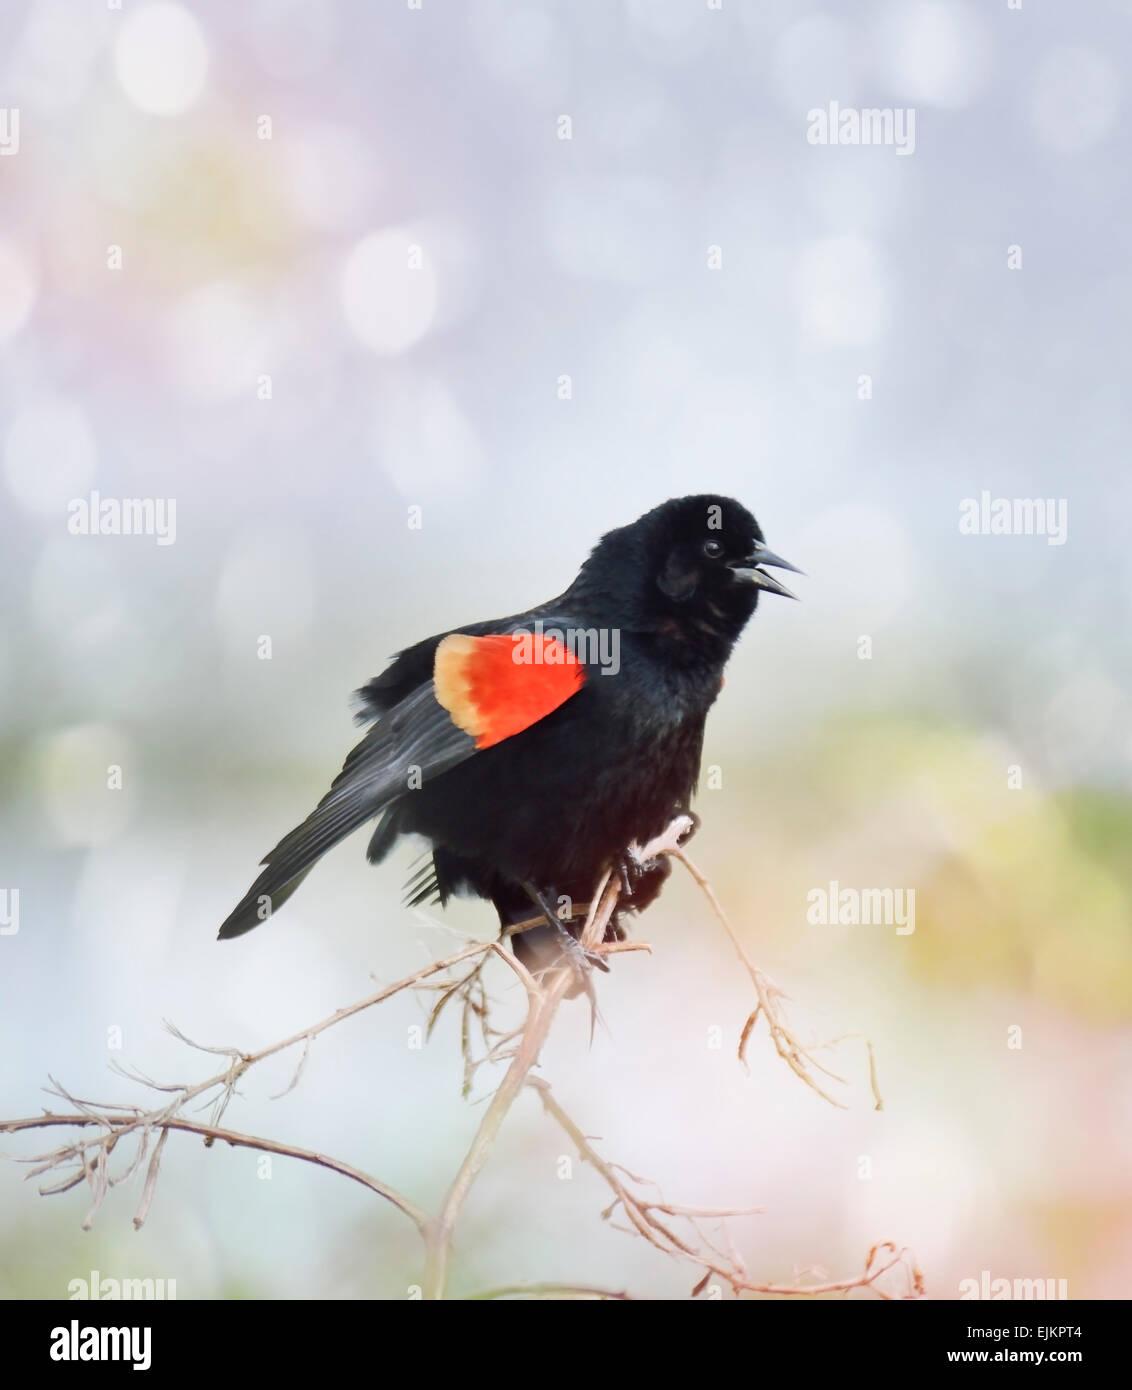 Singing Red Wing Blackbird.Spring Time. - Stock Image